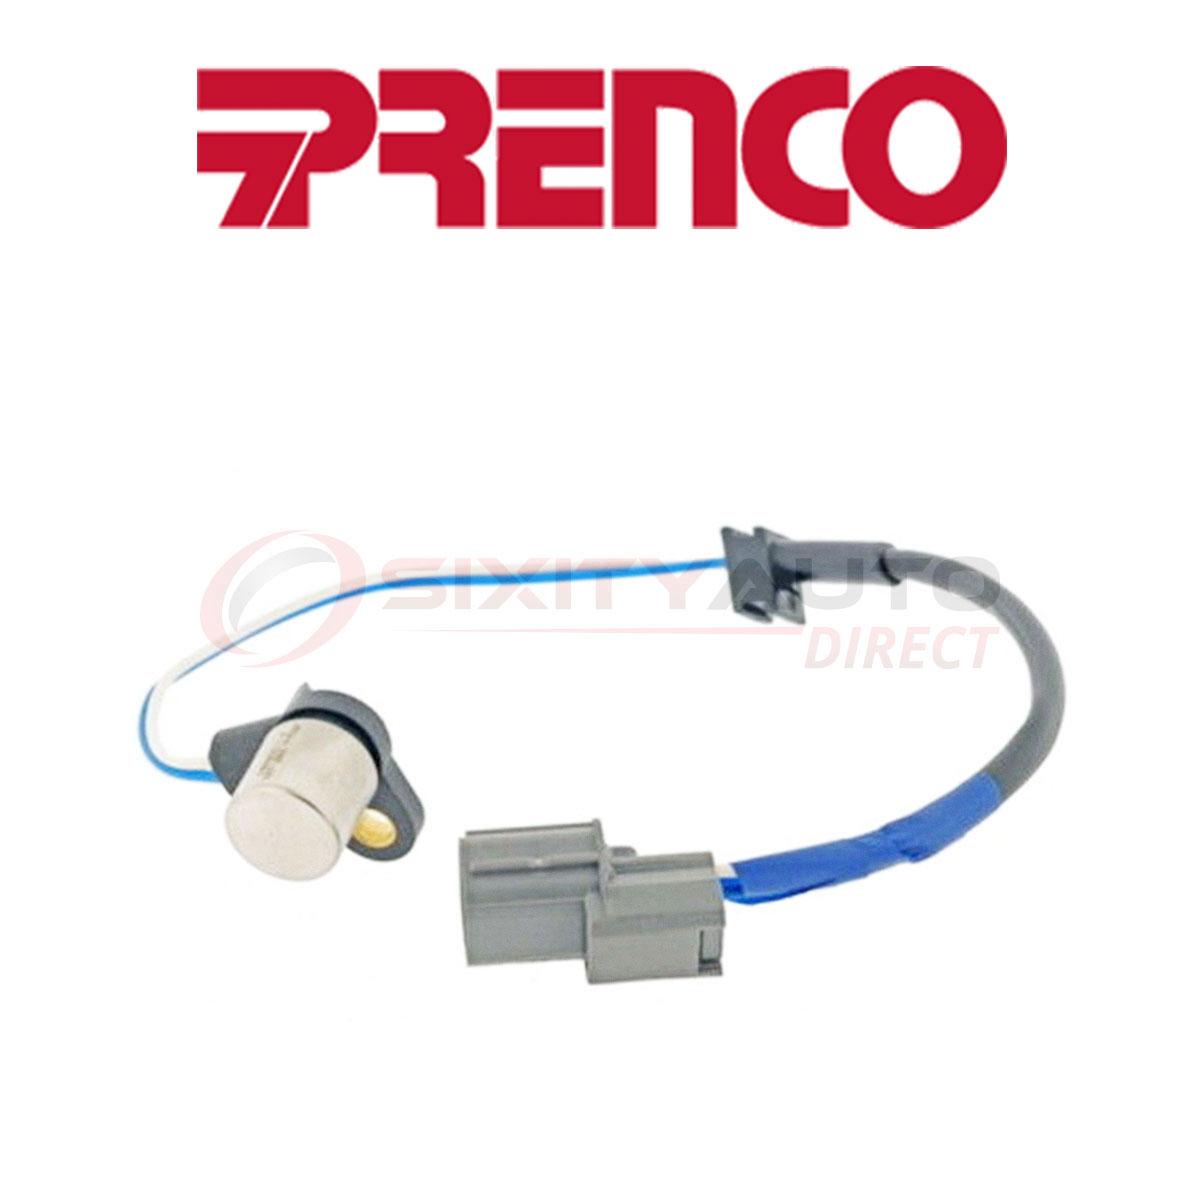 Prenco Crankshaft Position Sensor For 2001-2003 Acura CL 3